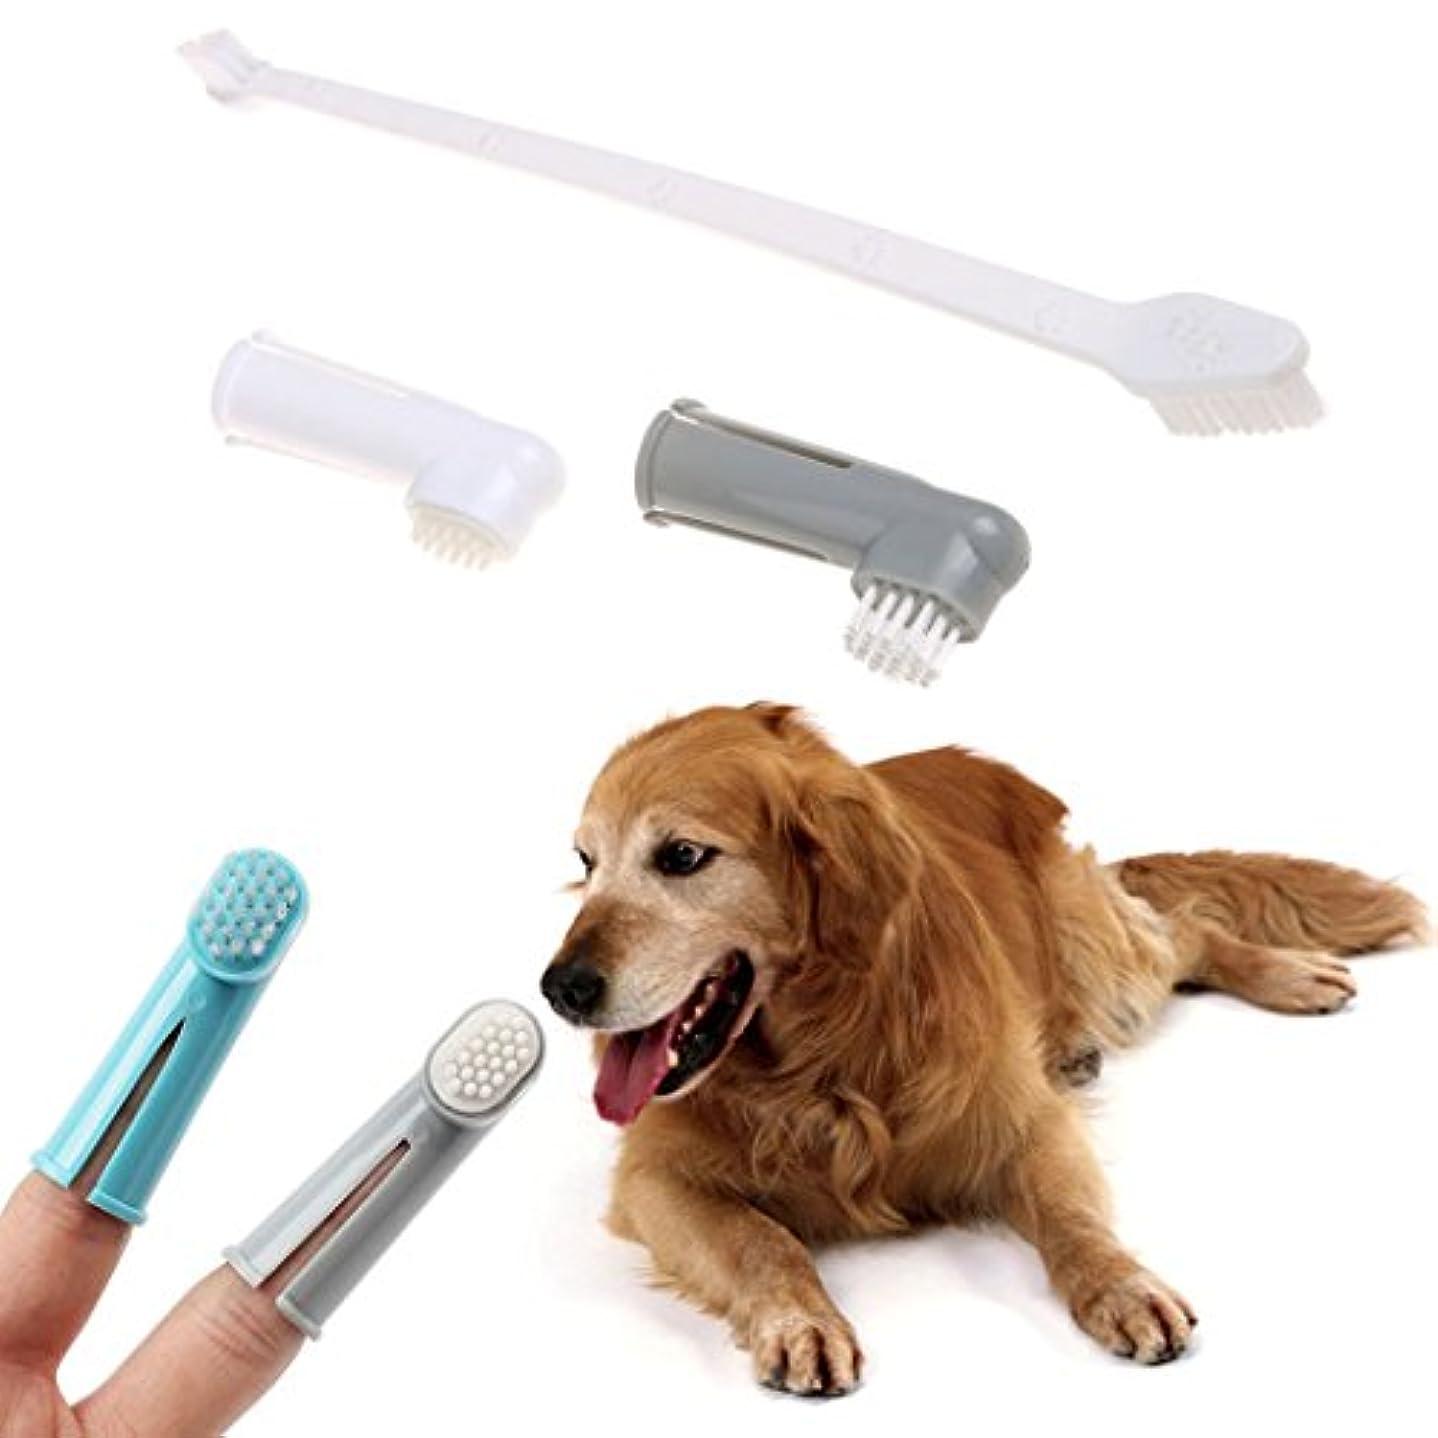 口実オーバーランことわざLegendog ペットの歯ブラシ 犬用歯ブラシ 指歯 ブラシ 歯磨き ペット歯ケア用品 カラフル 3ピースセット(合計9個)